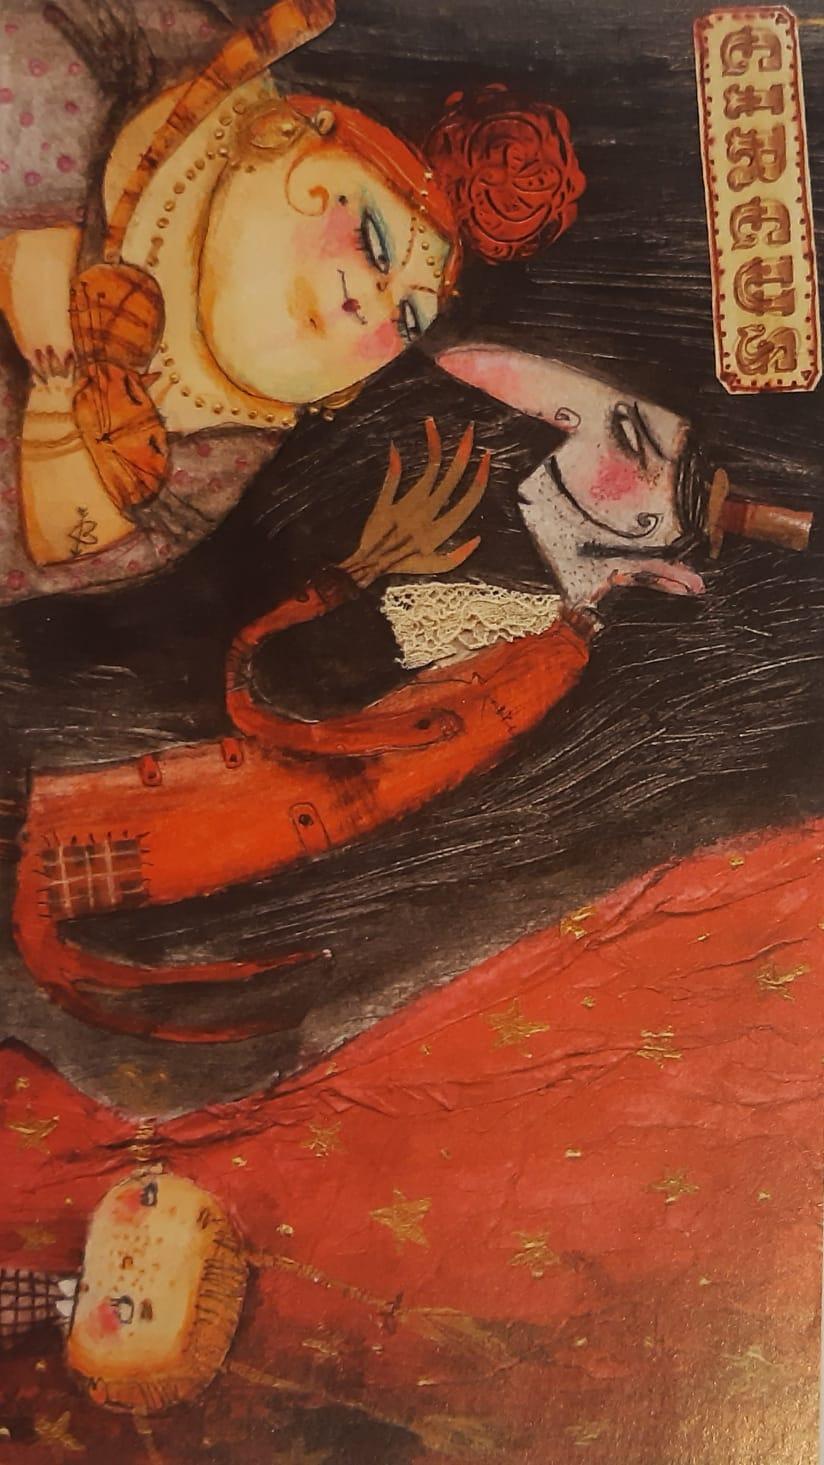 Agata di Honeypie illustrazione 2